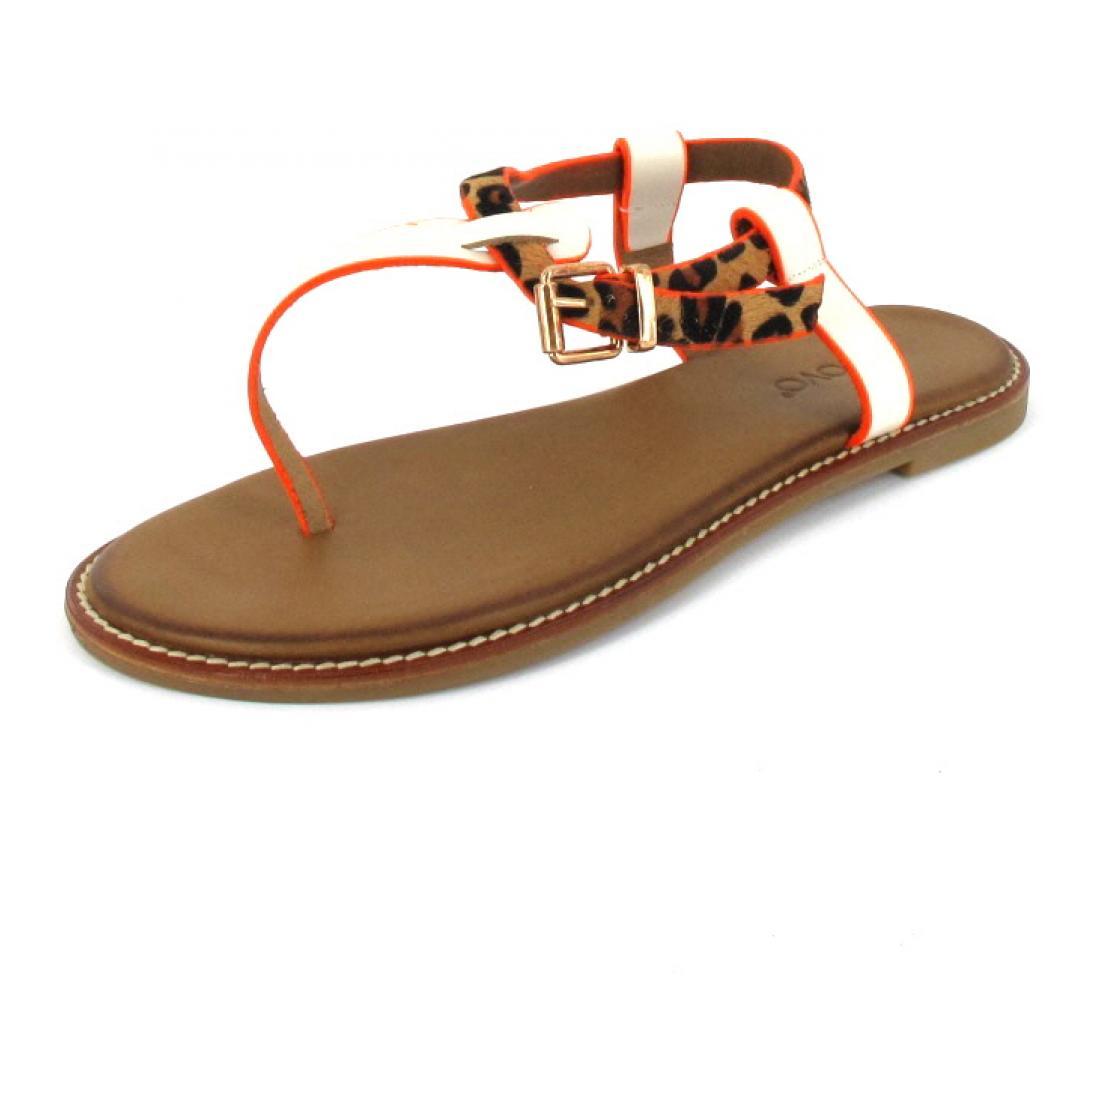 Inuovo Sandale Sandals Bone-Leo-Neon Ora